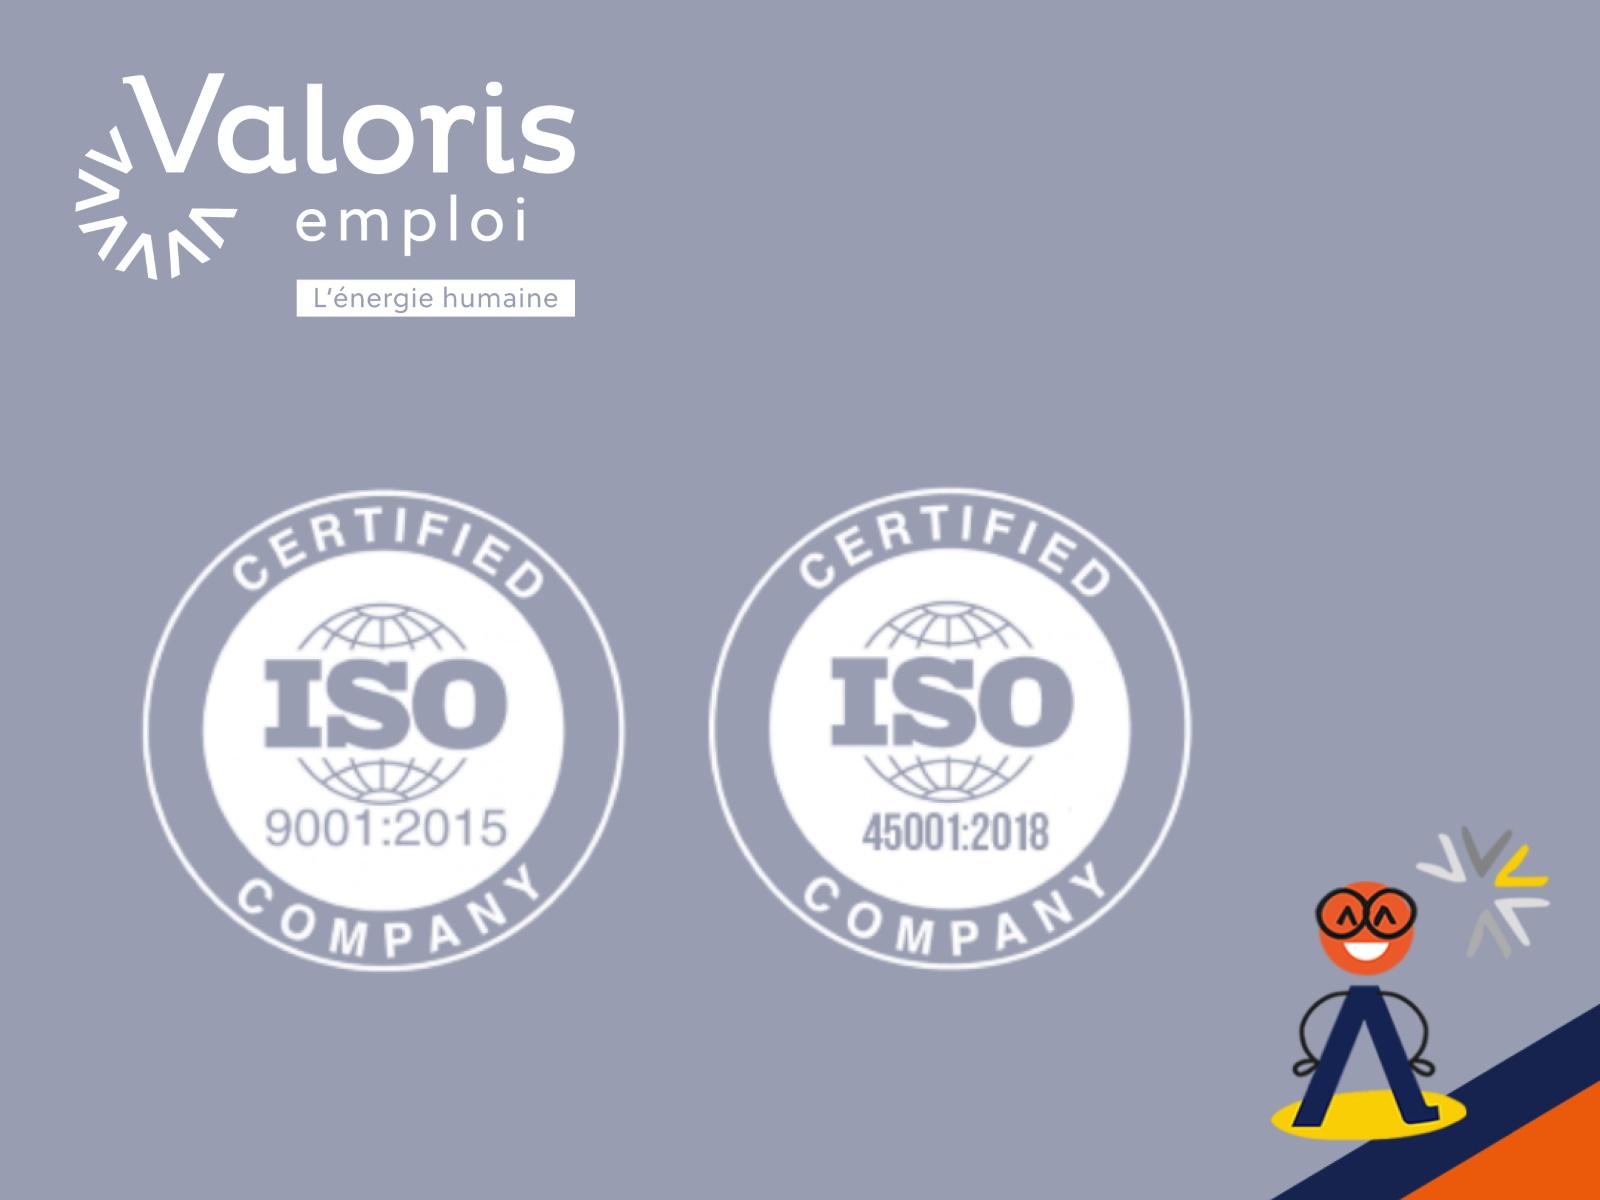 Valoris emploi certifié ISO 9001 et ISO 45001